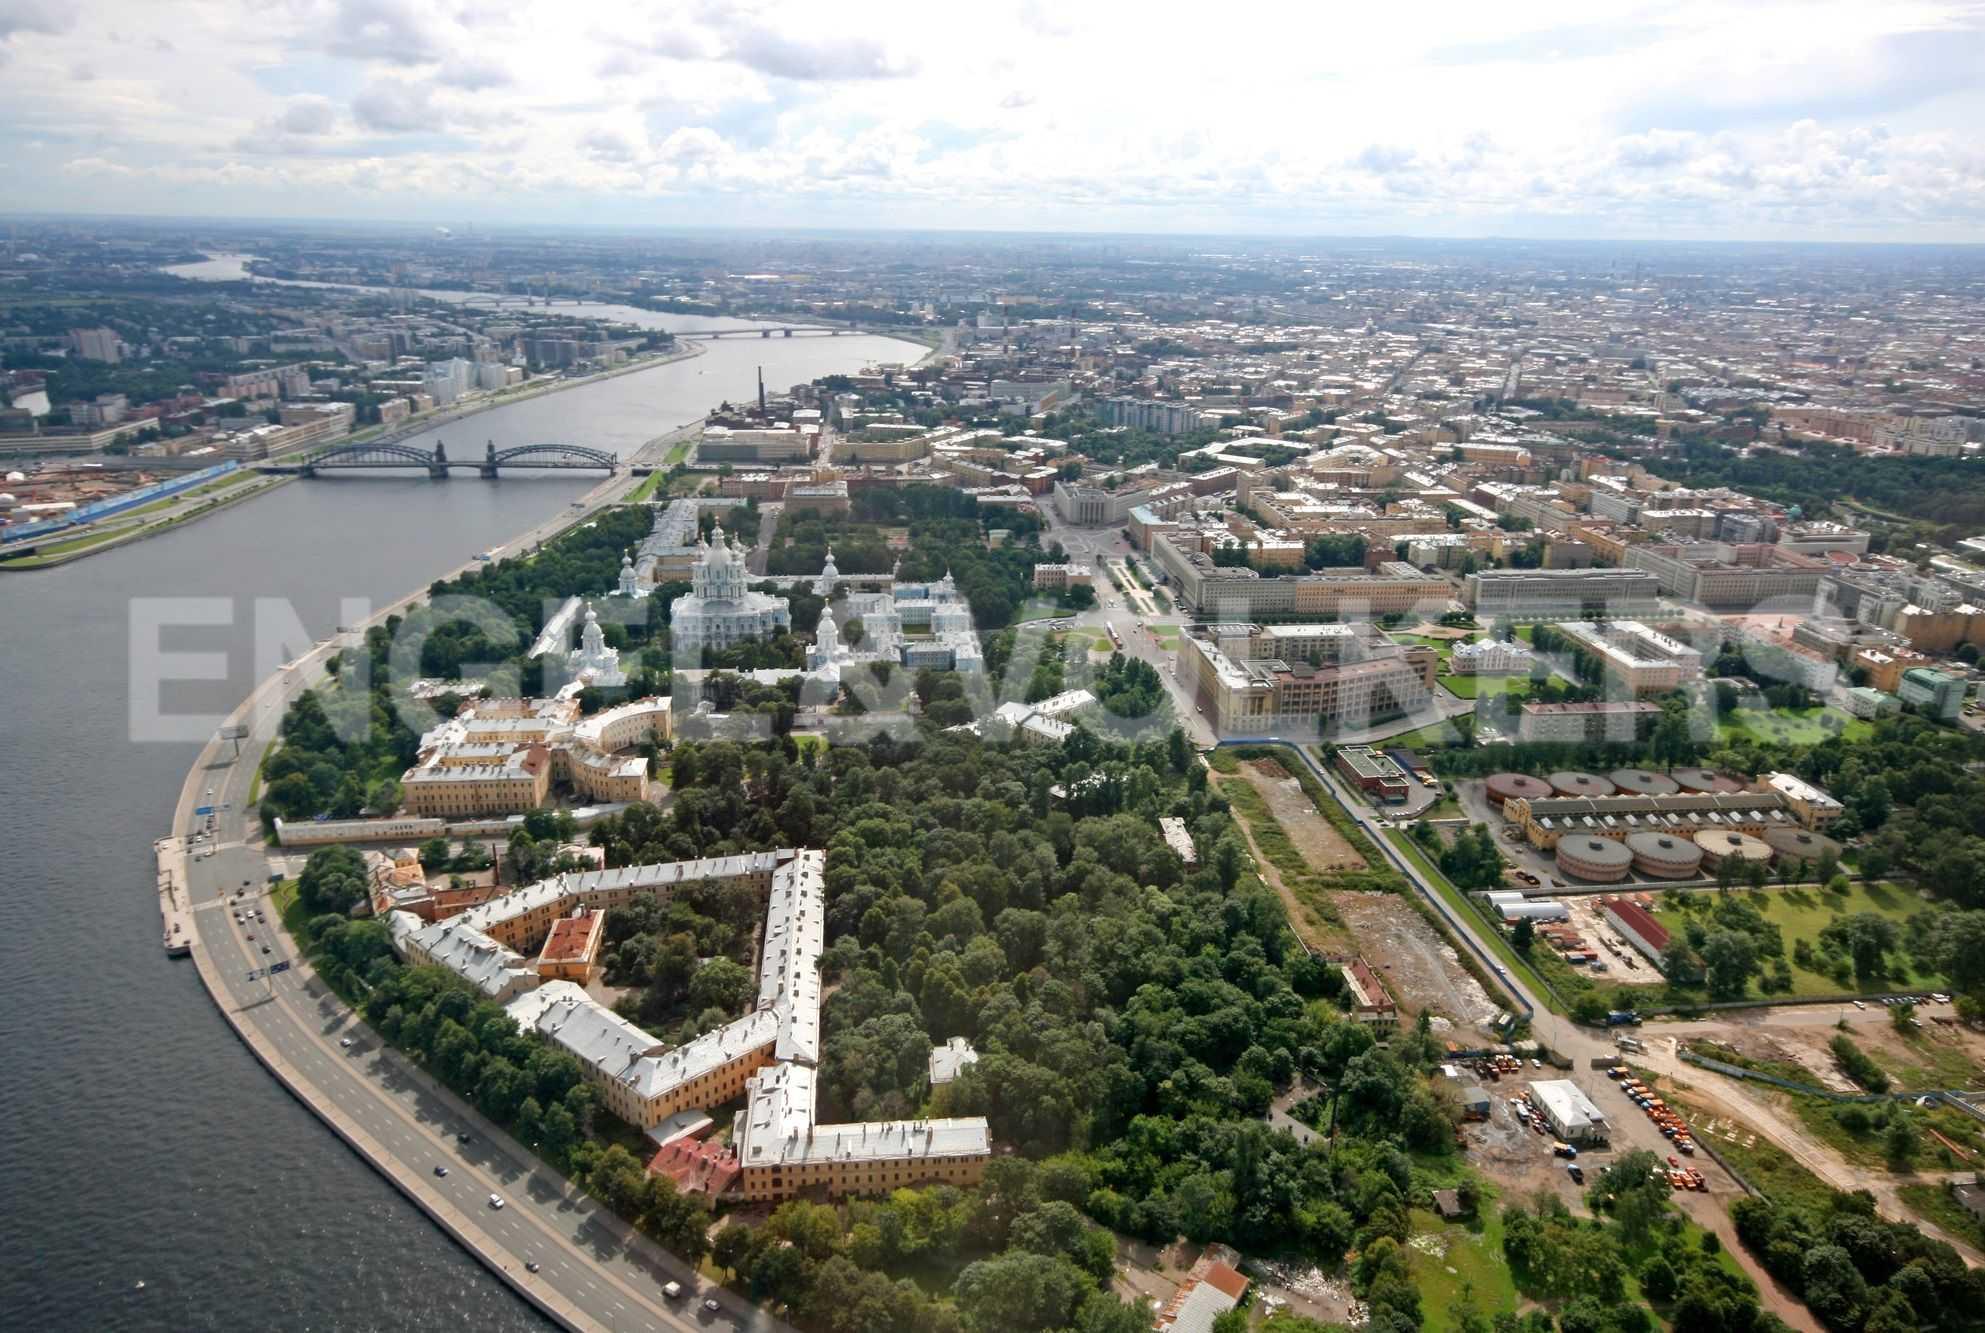 Элитные квартиры в Центральном районе. Санкт-Петербург, ул.Смольного, 4. Комплекс: вид сверху